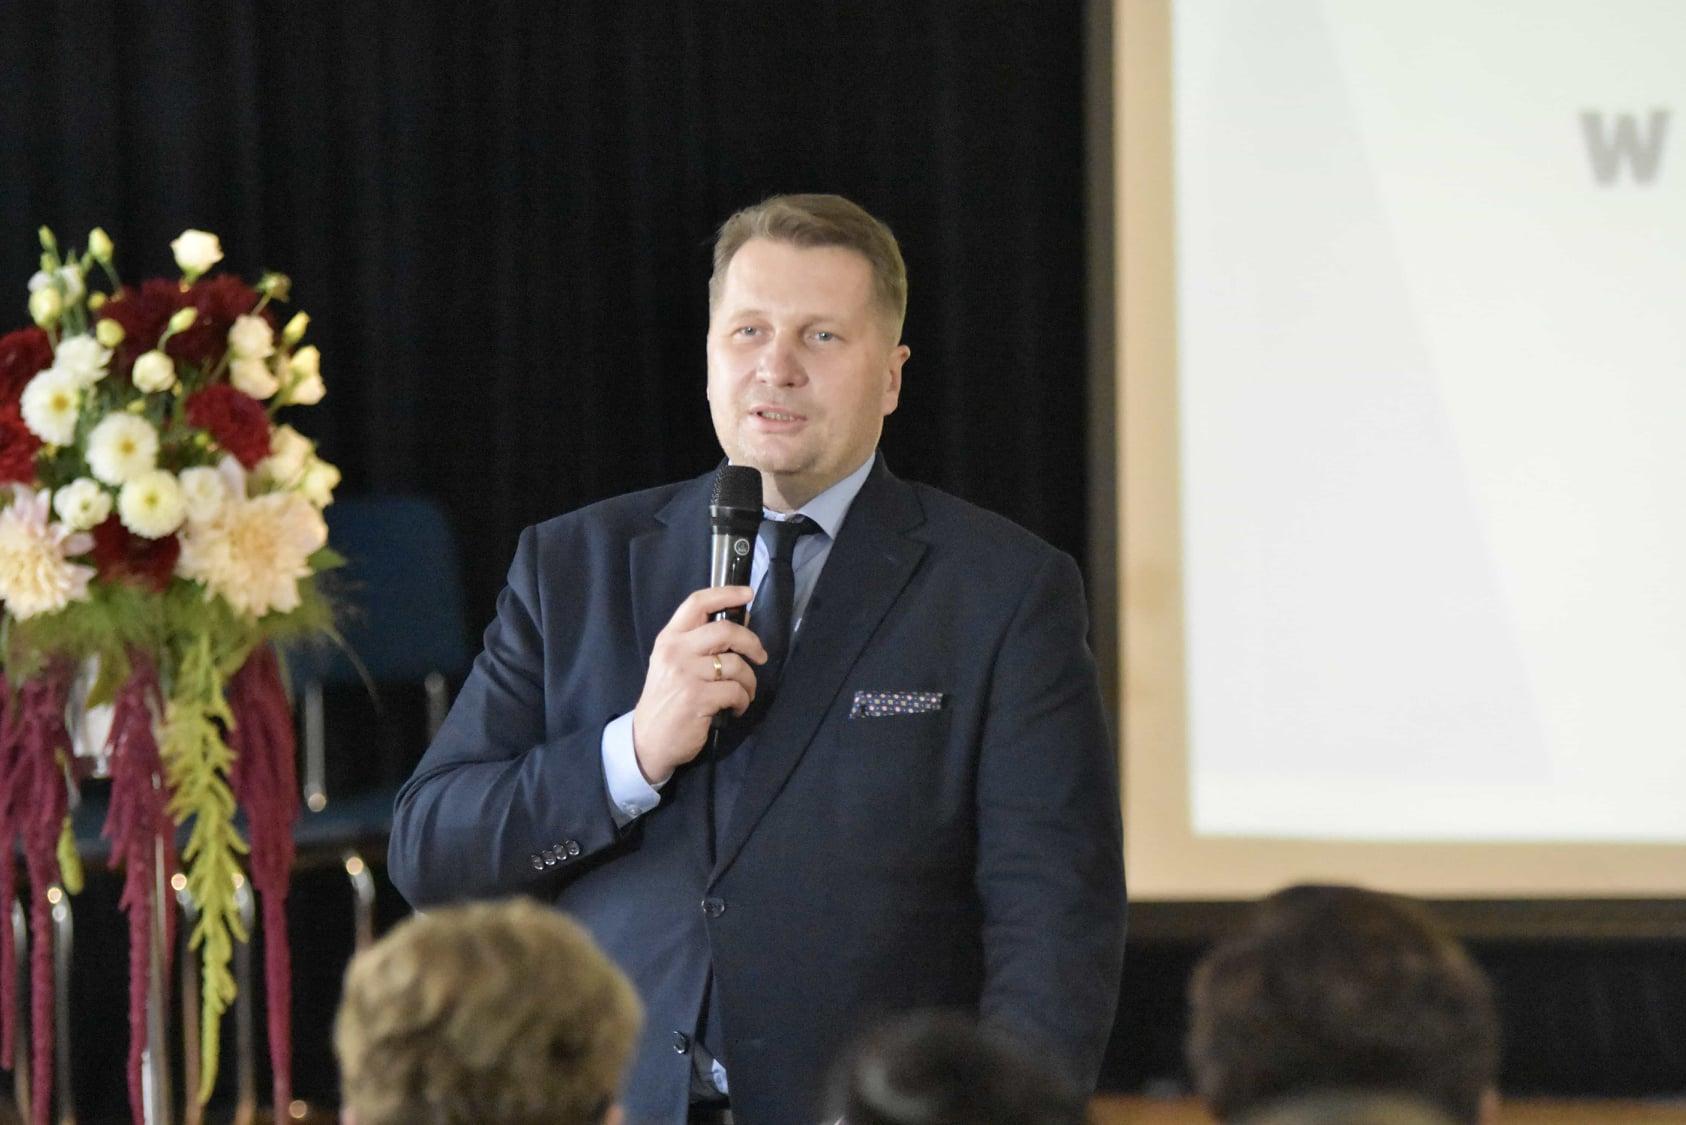 242742473 119313647134431 9014251121765659416 n Wizyta ministra Przemysława Czarnka w Branżowej Szkole w Szczebrzeszynie